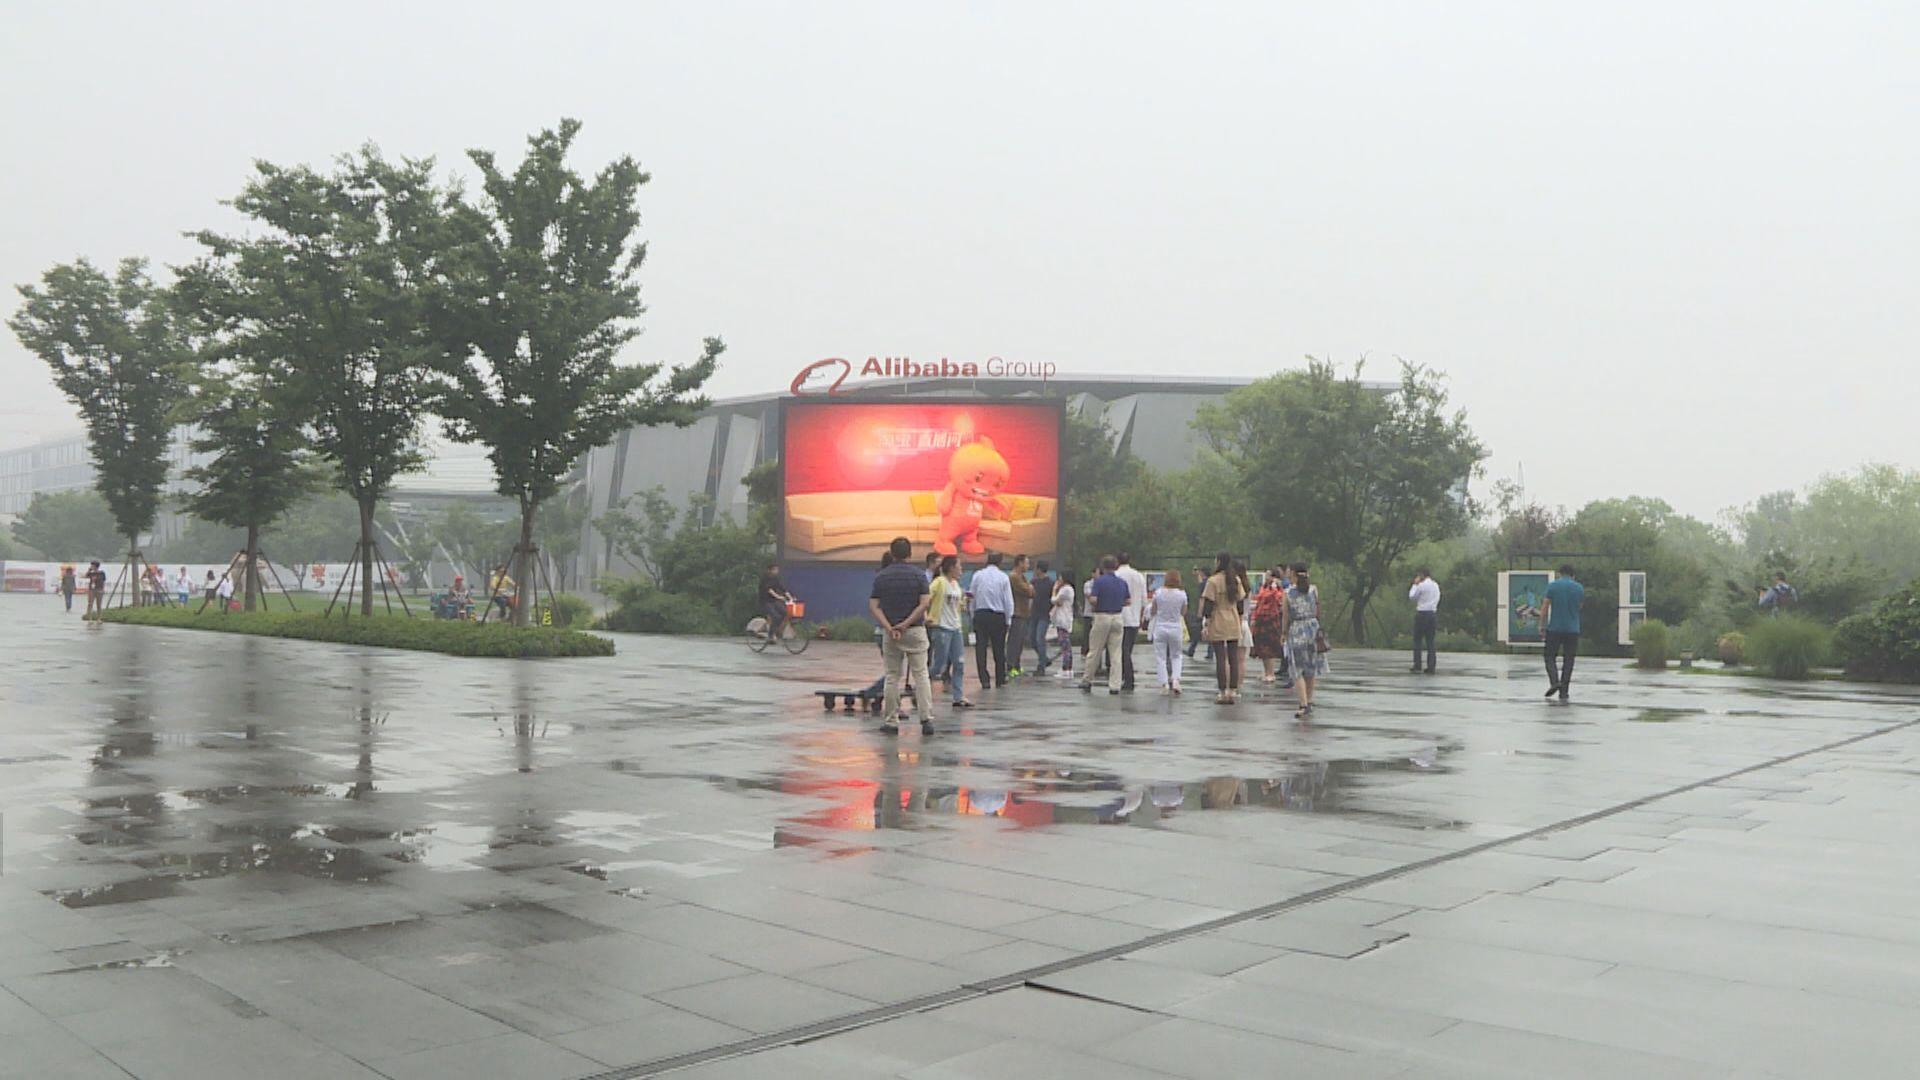 傳阿里巴巴將提早結束香港上市國際配售認購